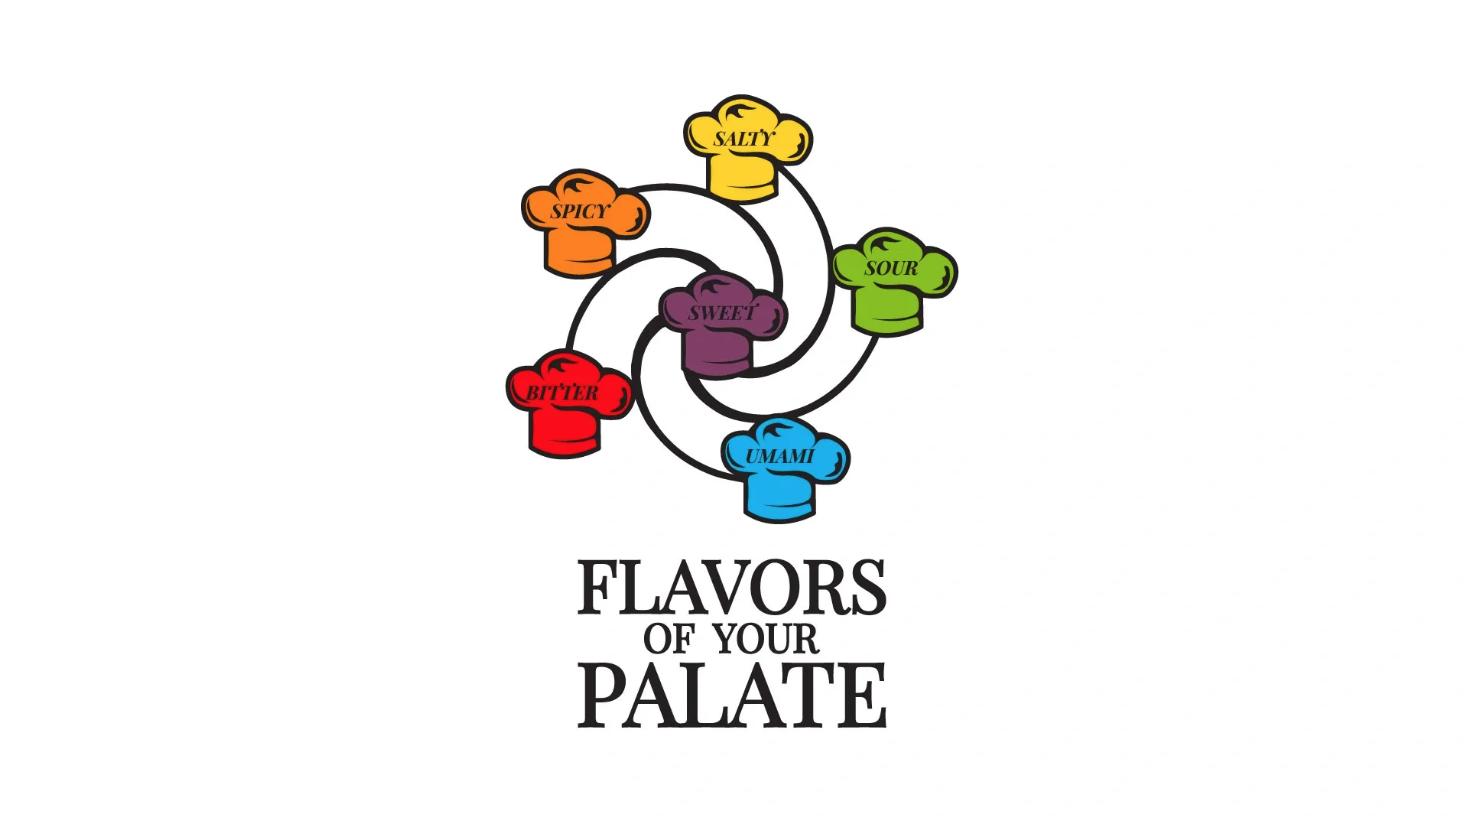 FlavorsofYourPalate